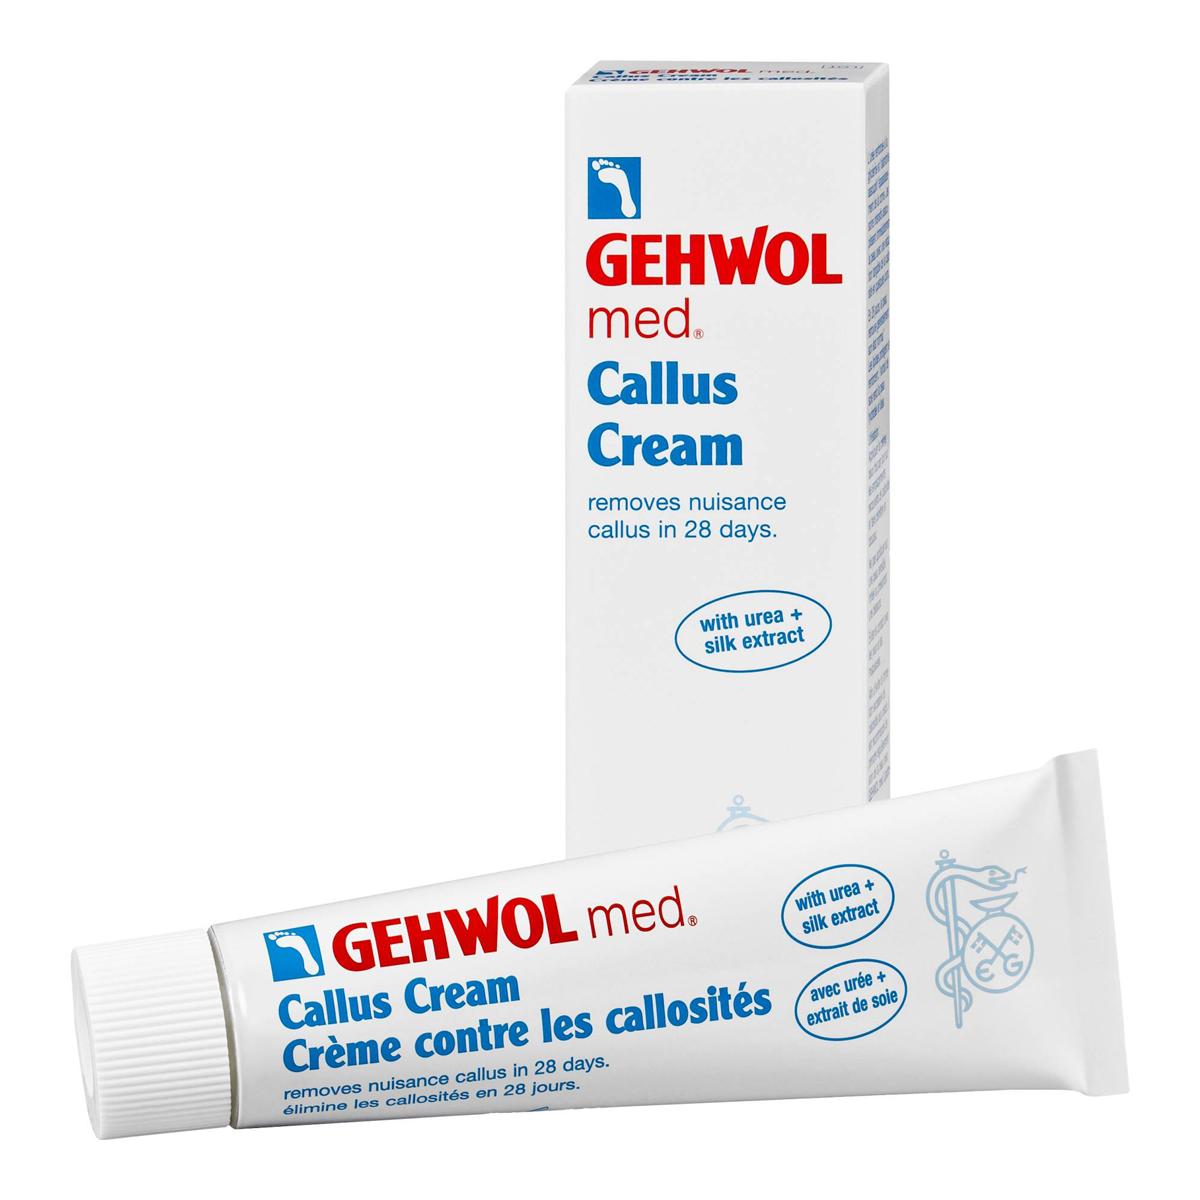 Gehwol Med Callus Cream - Крем для загрубевшей кожи ног 75 мл1*41205Крем для загрубевшей кожи Геволь мед (Gehwol med Callus Cream) решает проблему гиперкератоза за 4 недели. Деликатно смягчает и удаляет загрубевшую кожу, благодаря уникальной рецептуре ослабляет межклеточные соединения плотных слоев кожи. В результате достигается быстрое смягчение загрубевшей кожи и ощутимые результаты уже после нескольких дней применения. Экстракт шелка увлажняет и разглаживает кожу. Регулярный уход за кожей ног в сочетании с Кремом Геволь Мед Гидро-баланс надежно защищает от повторного образования участков загрубевшей кожи.